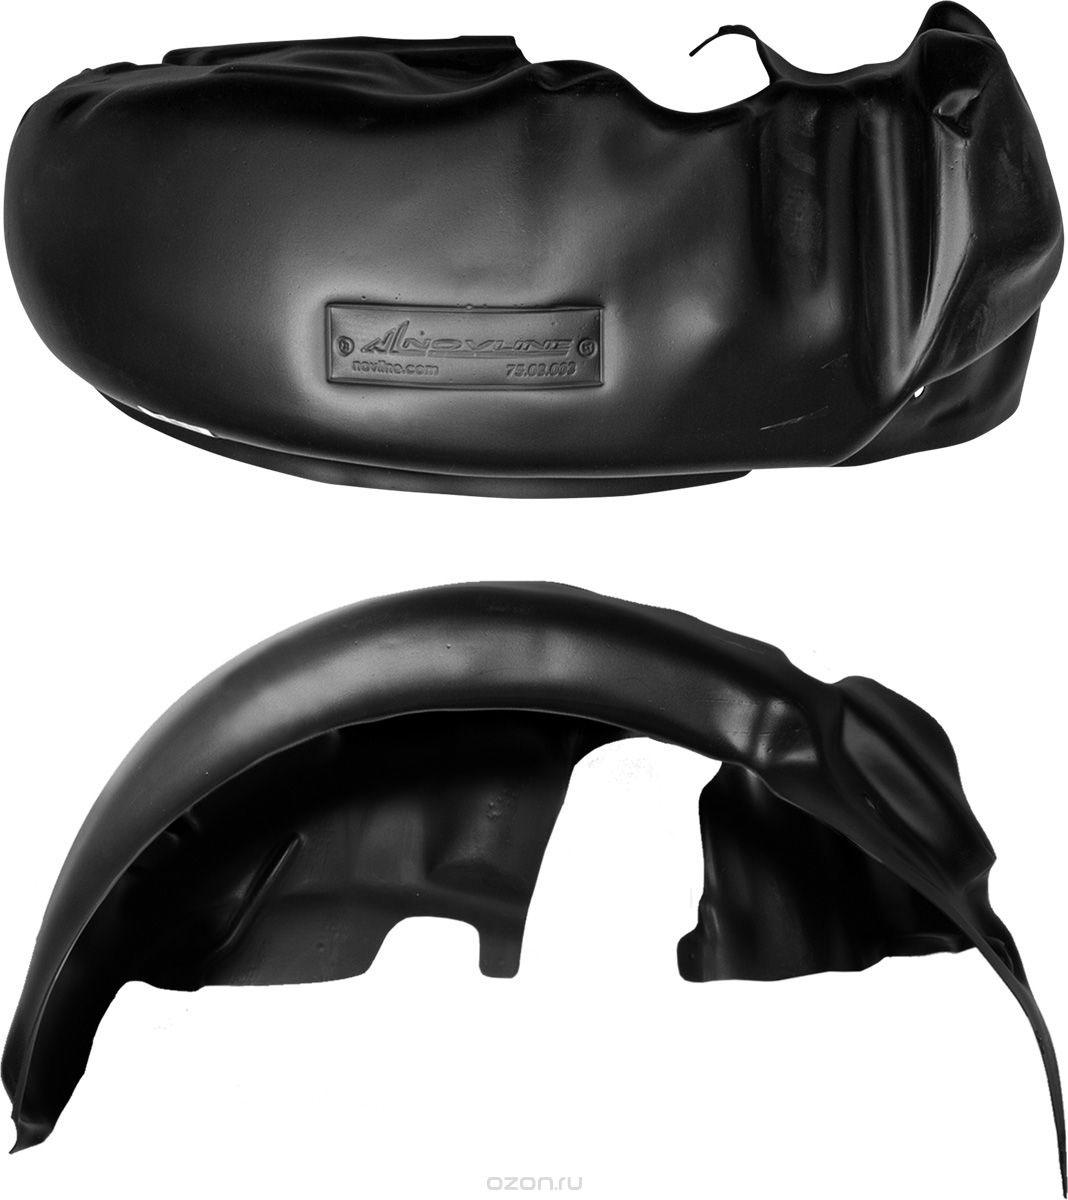 Подкрылок Novline-Autofamily, для MAZDA 3, 2013->, хб., сед., задний правыйNLL.33.19.004Идеальная защита колесной ниши. Локеры разработаны с применением цифровых технологий, гарантируют максимальную повторяемость поверхности арки. Изделия устанавливаются без нарушения лакокрасочного покрытия автомобиля, каждый подкрылок комплектуется крепежом. Уважаемые клиенты, обращаем ваше внимание, что фотографии на подкрылки универсальные и не отражают реальную форму изделия. При этом само изделие идет точно под размер указанного автомобиля.